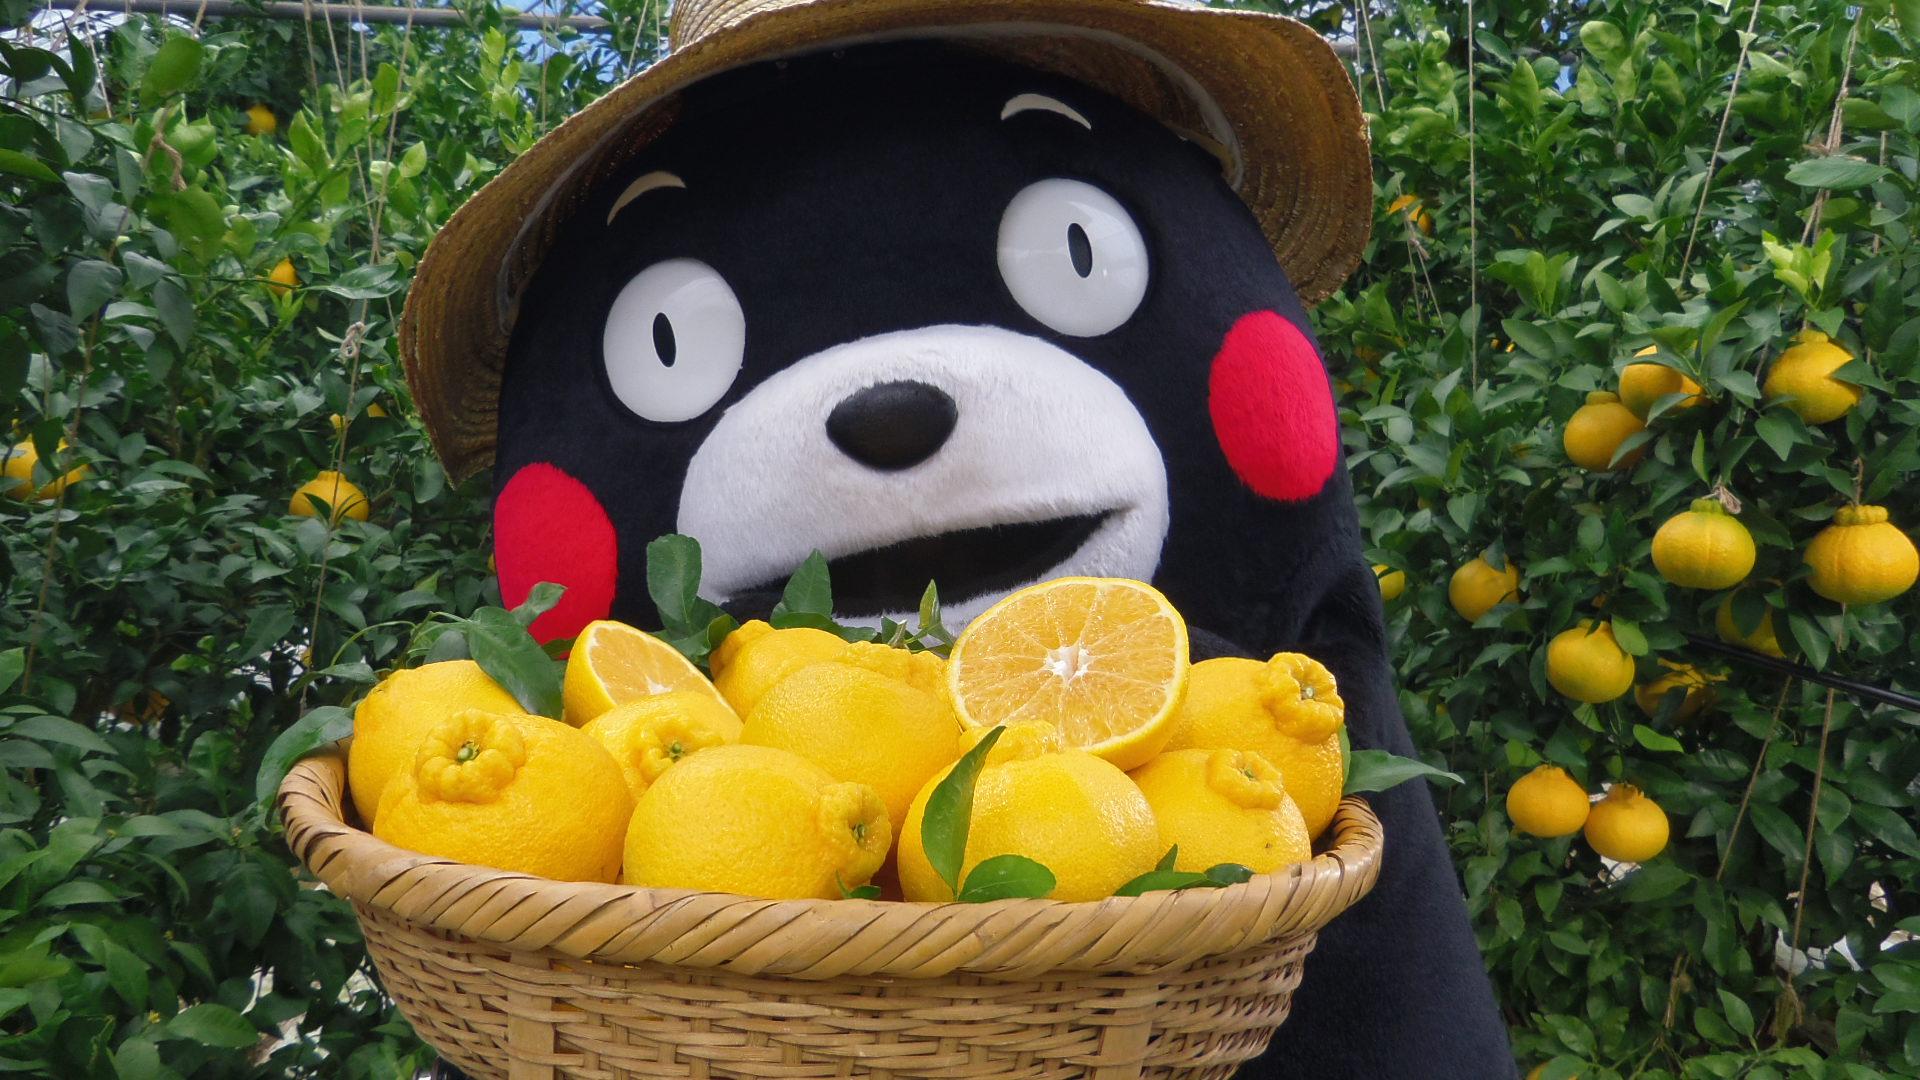 デコポンはカロリーは?実はダイエットに最適なフルーツだった?!のサムネイル画像